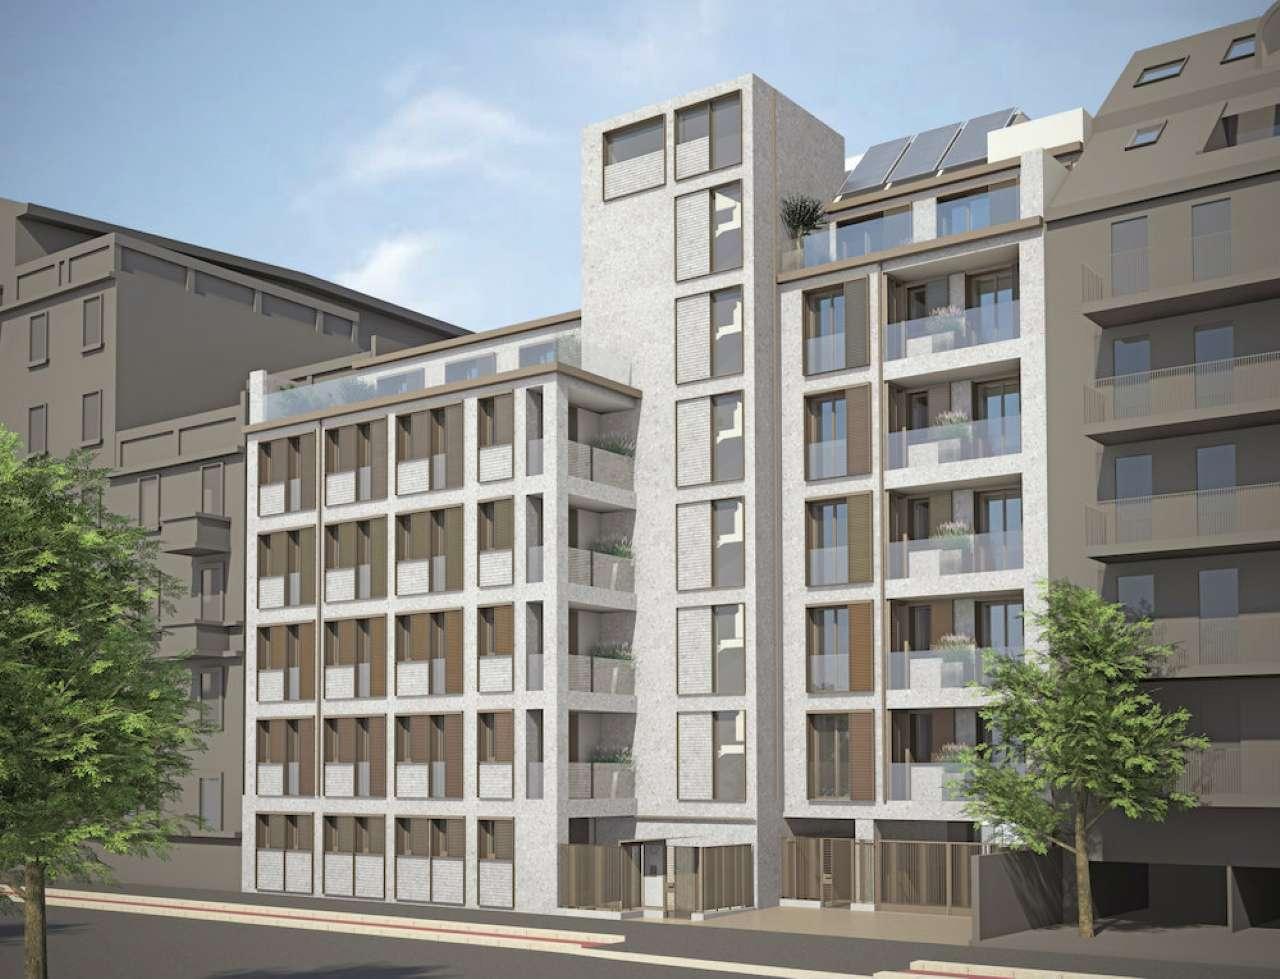 Appartamento in Vendita a Milano 17 Marghera / Wagner / Fiera:  4 locali, 163 mq  - Foto 1